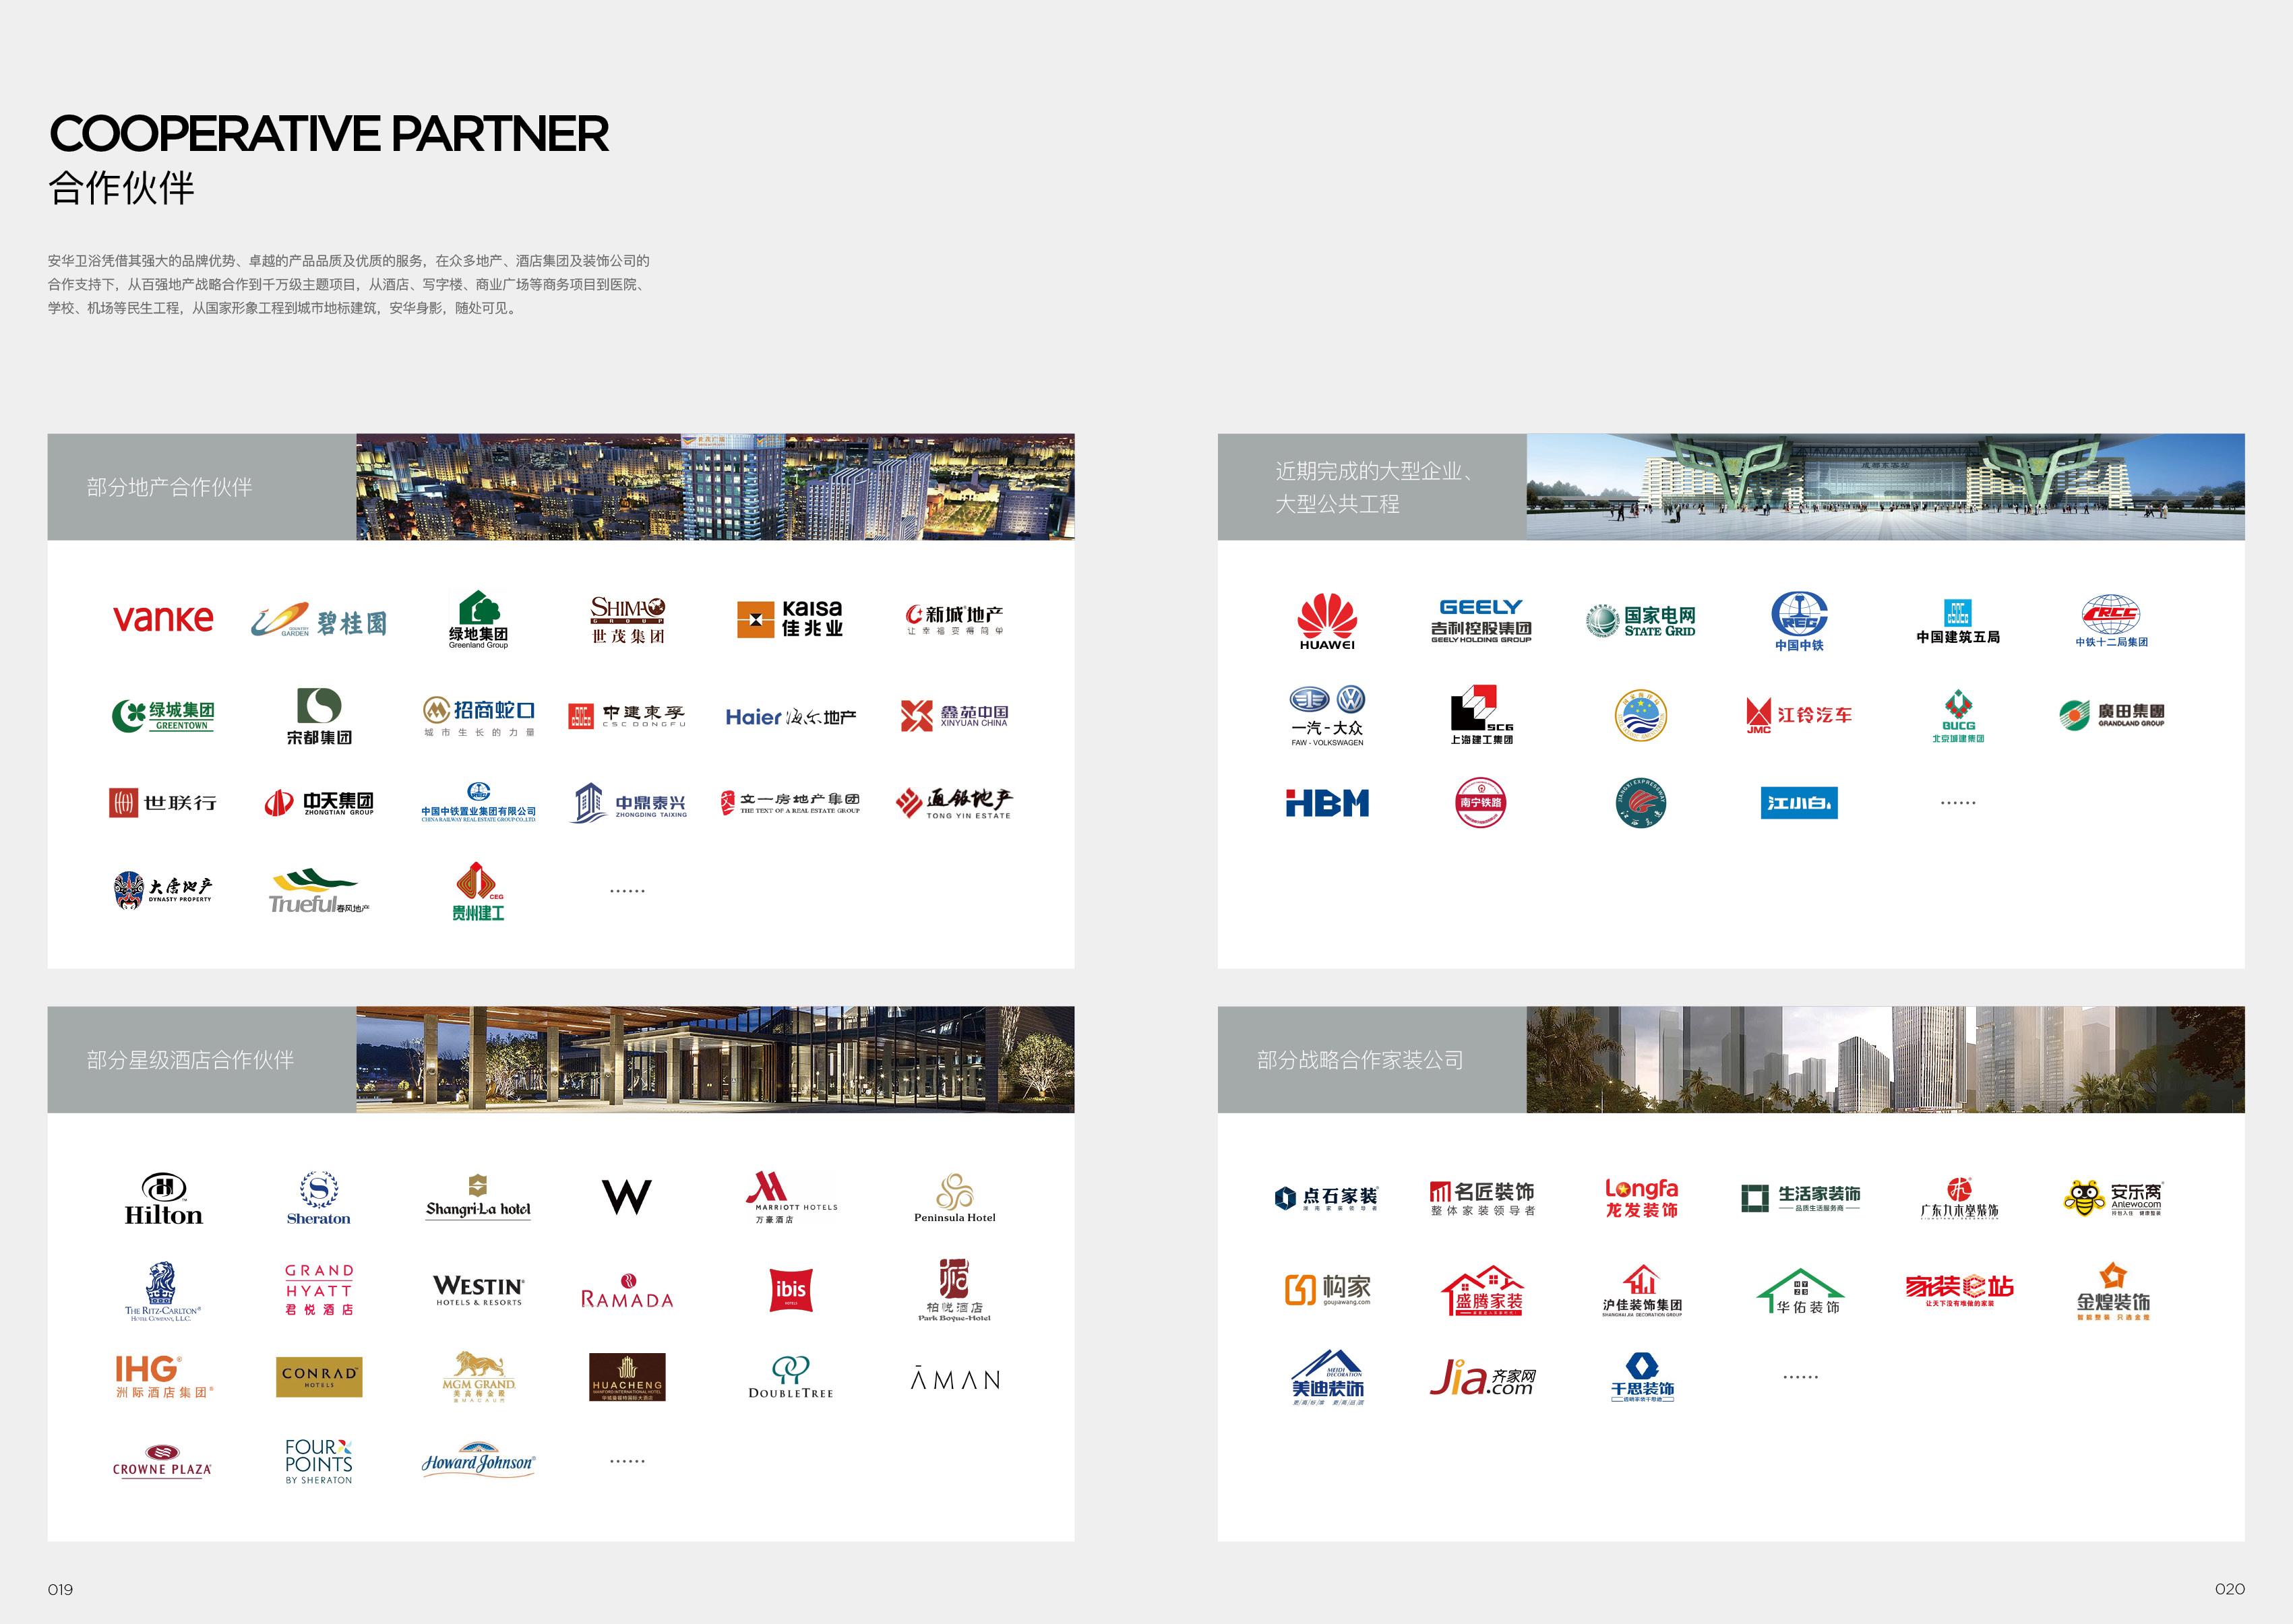 世界卫浴品牌排行_世界卫浴十大品牌Gobo高宝厨卫出征2021上海厨卫展